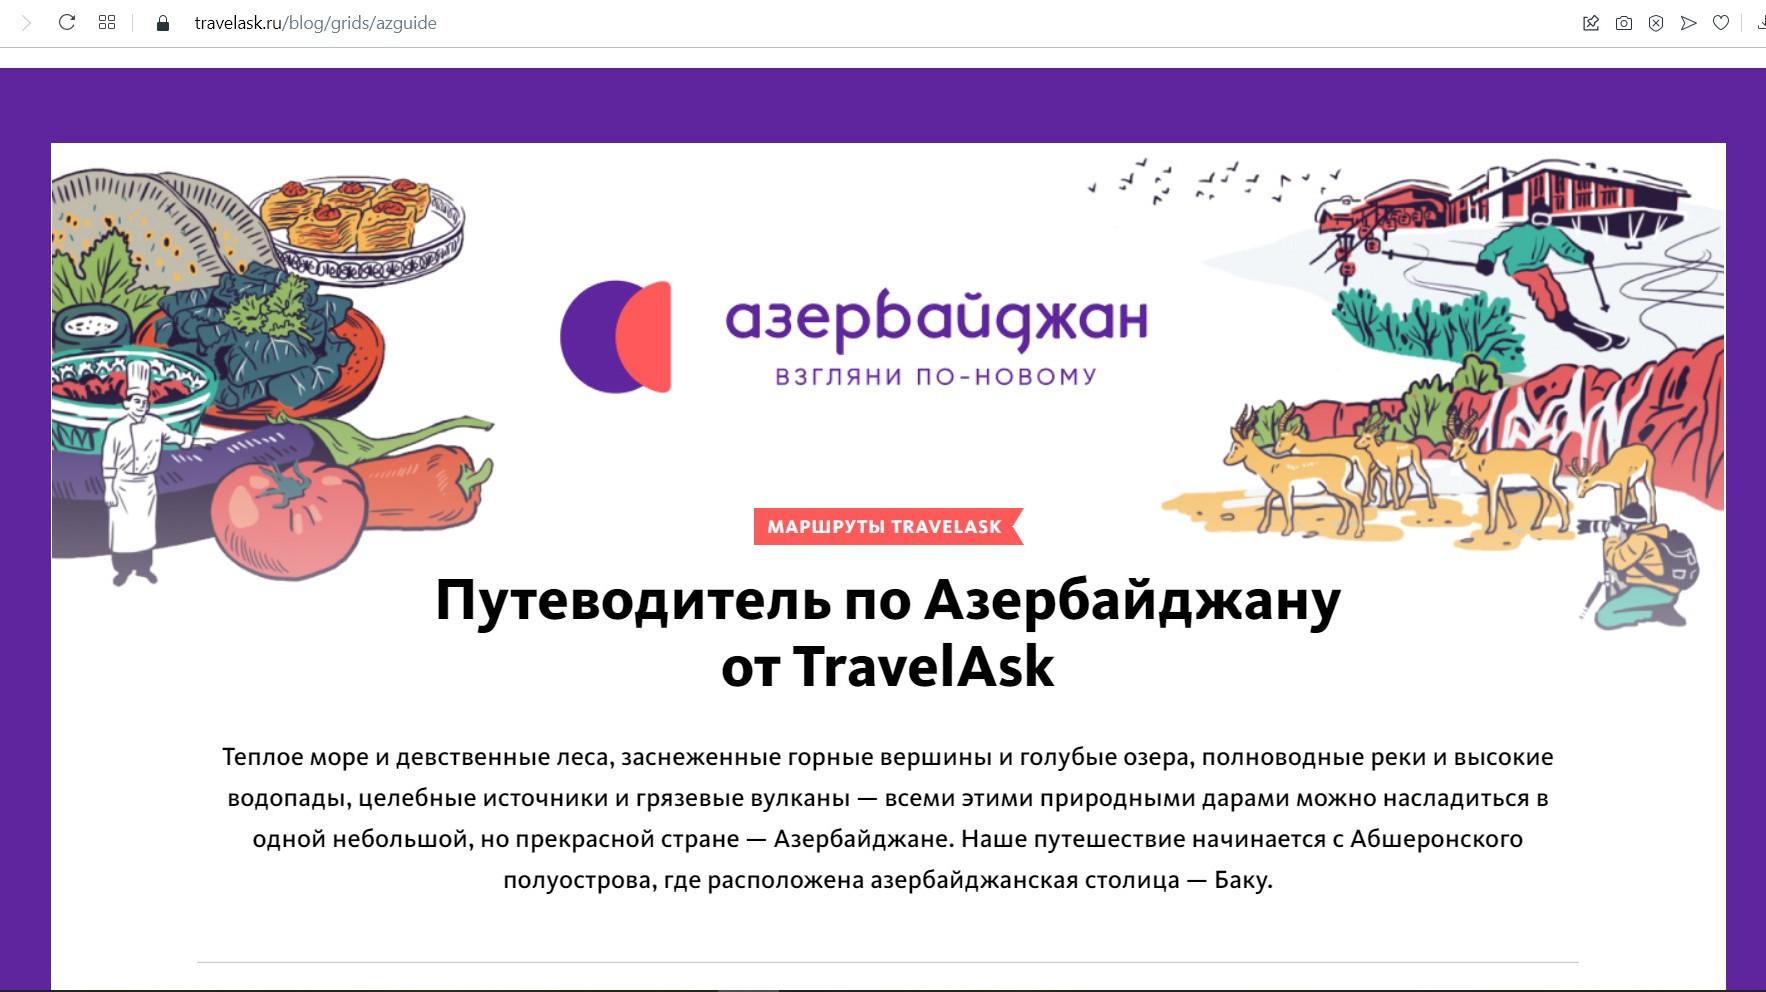 ATB Rusiyanın ən iri səyahət platformalarından biri ilə kampaniyaya start verib